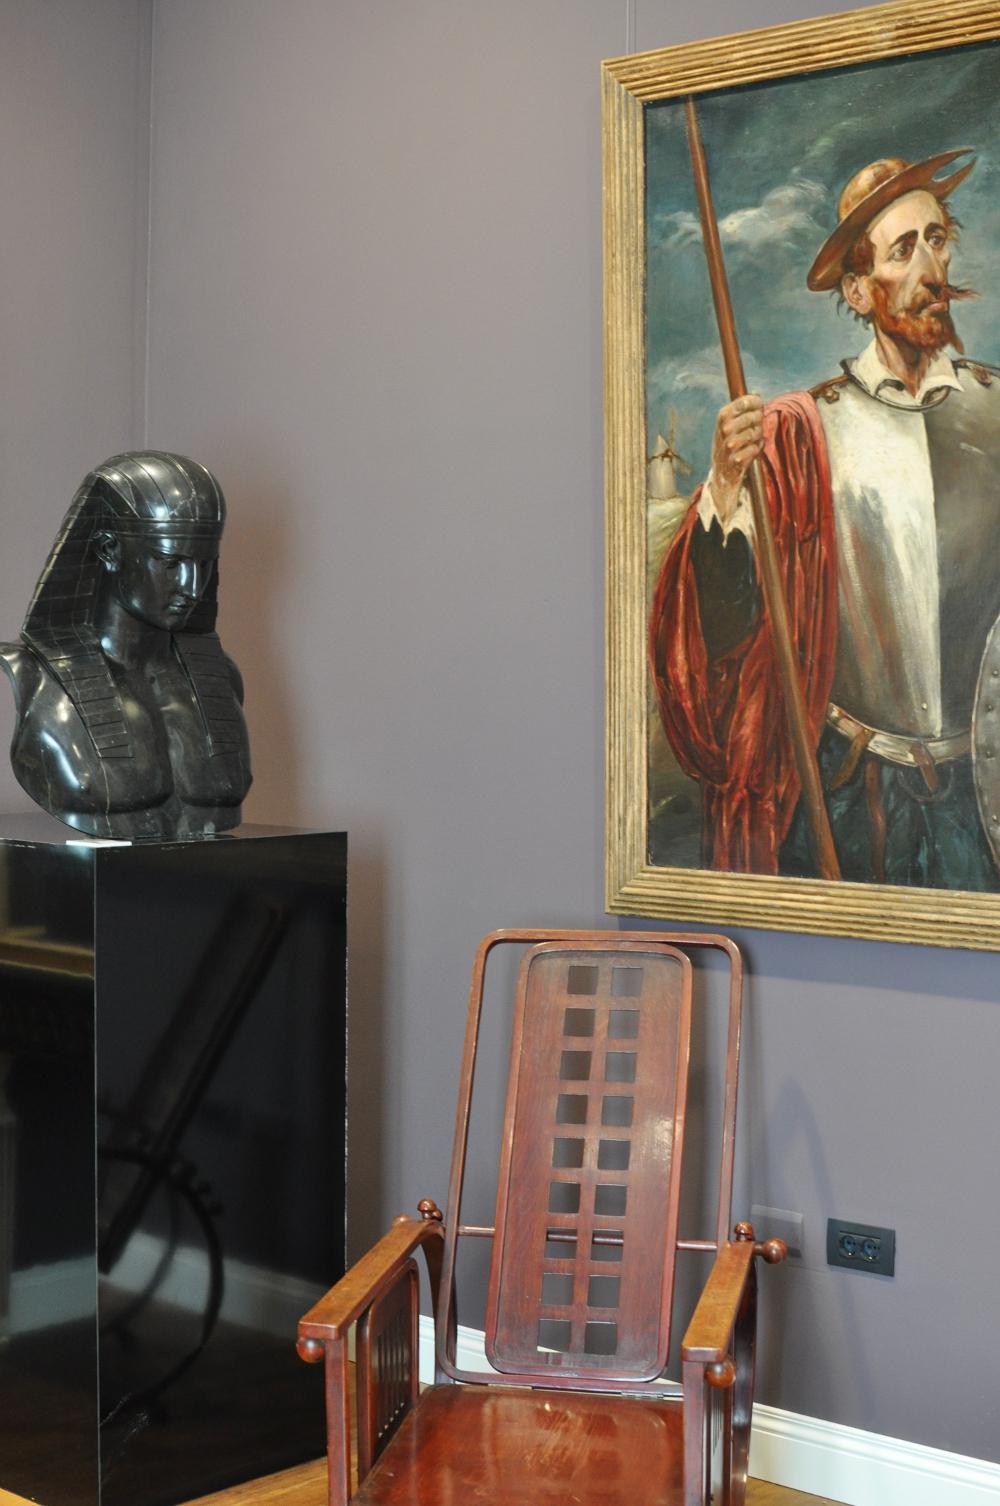 rocaille-blog-labirinto-franco-maria-ricci-fontanellato (33)